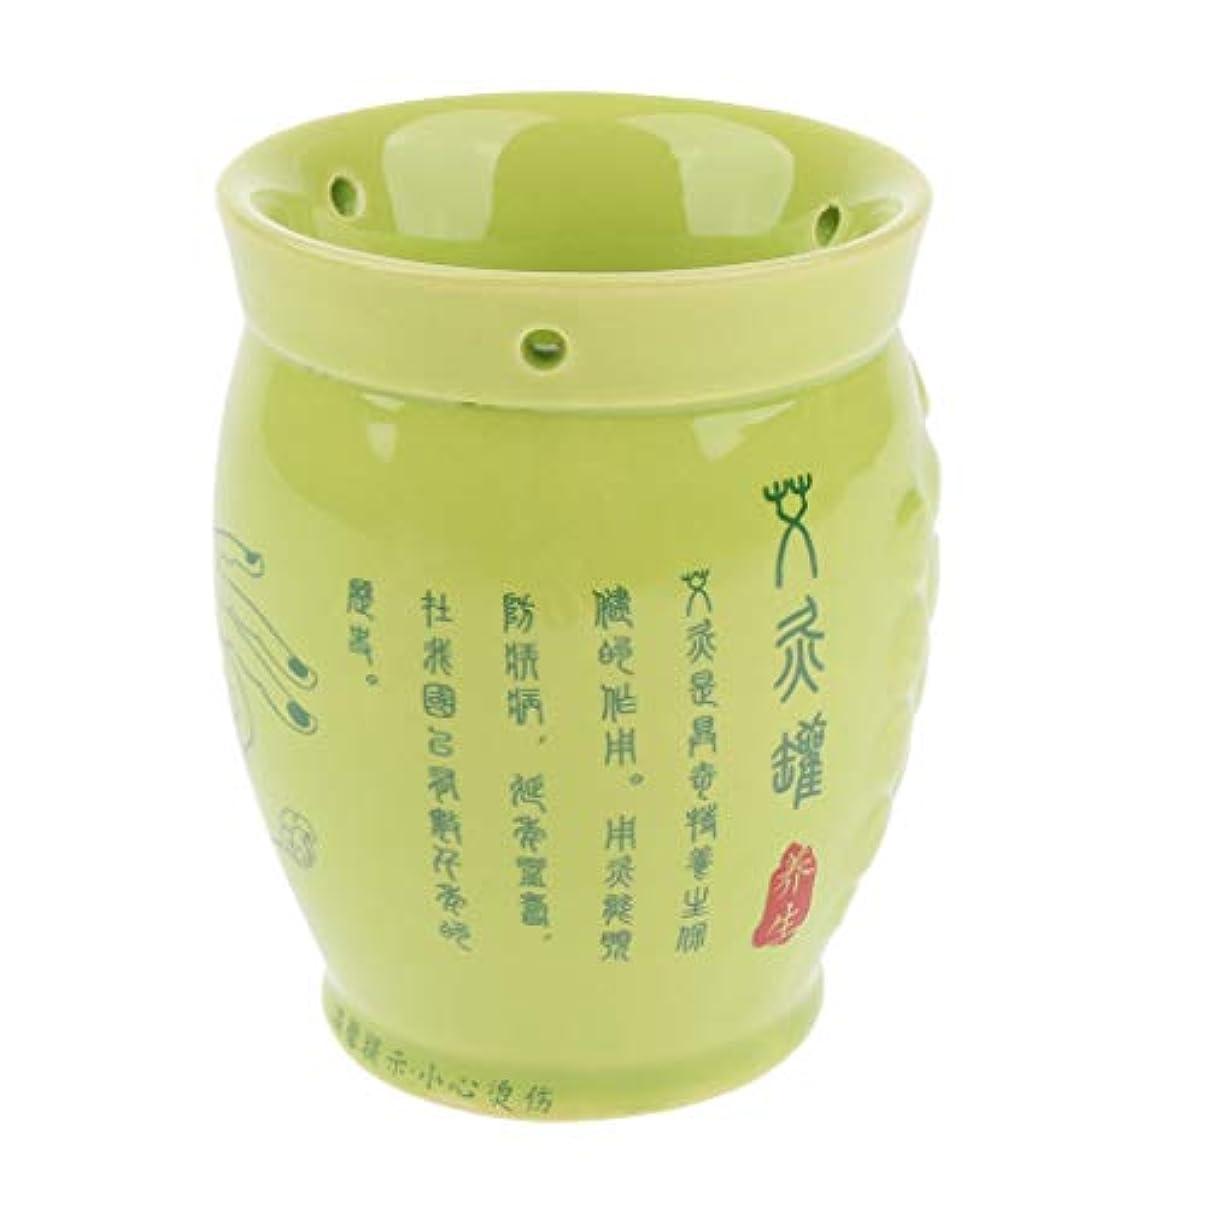 D DOLITY 中国式カッピングカップ 缶 ポット マッサージ お灸 セラミック製